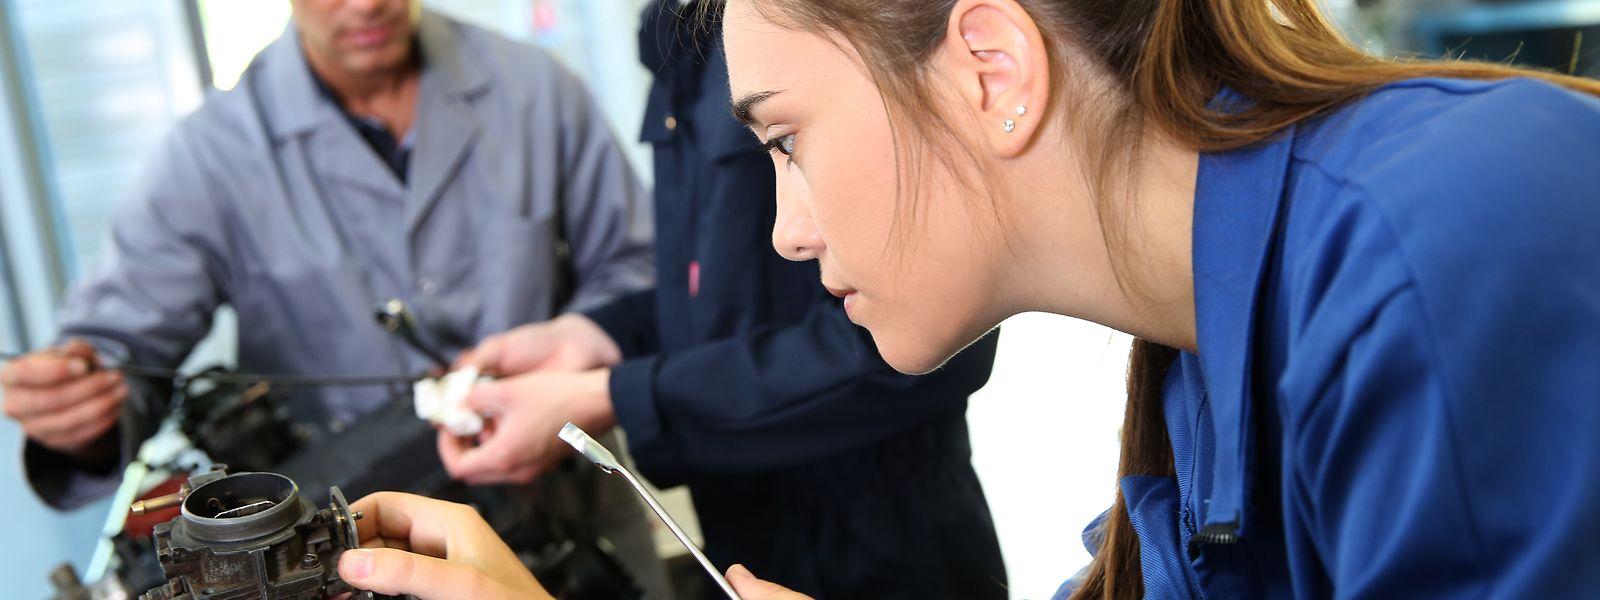 """Technik und Handwerk können Frauen genauso gut wie Männer - oft wird aber in der Schule schon der """"klassische Berufsweg"""" vorgegeben."""